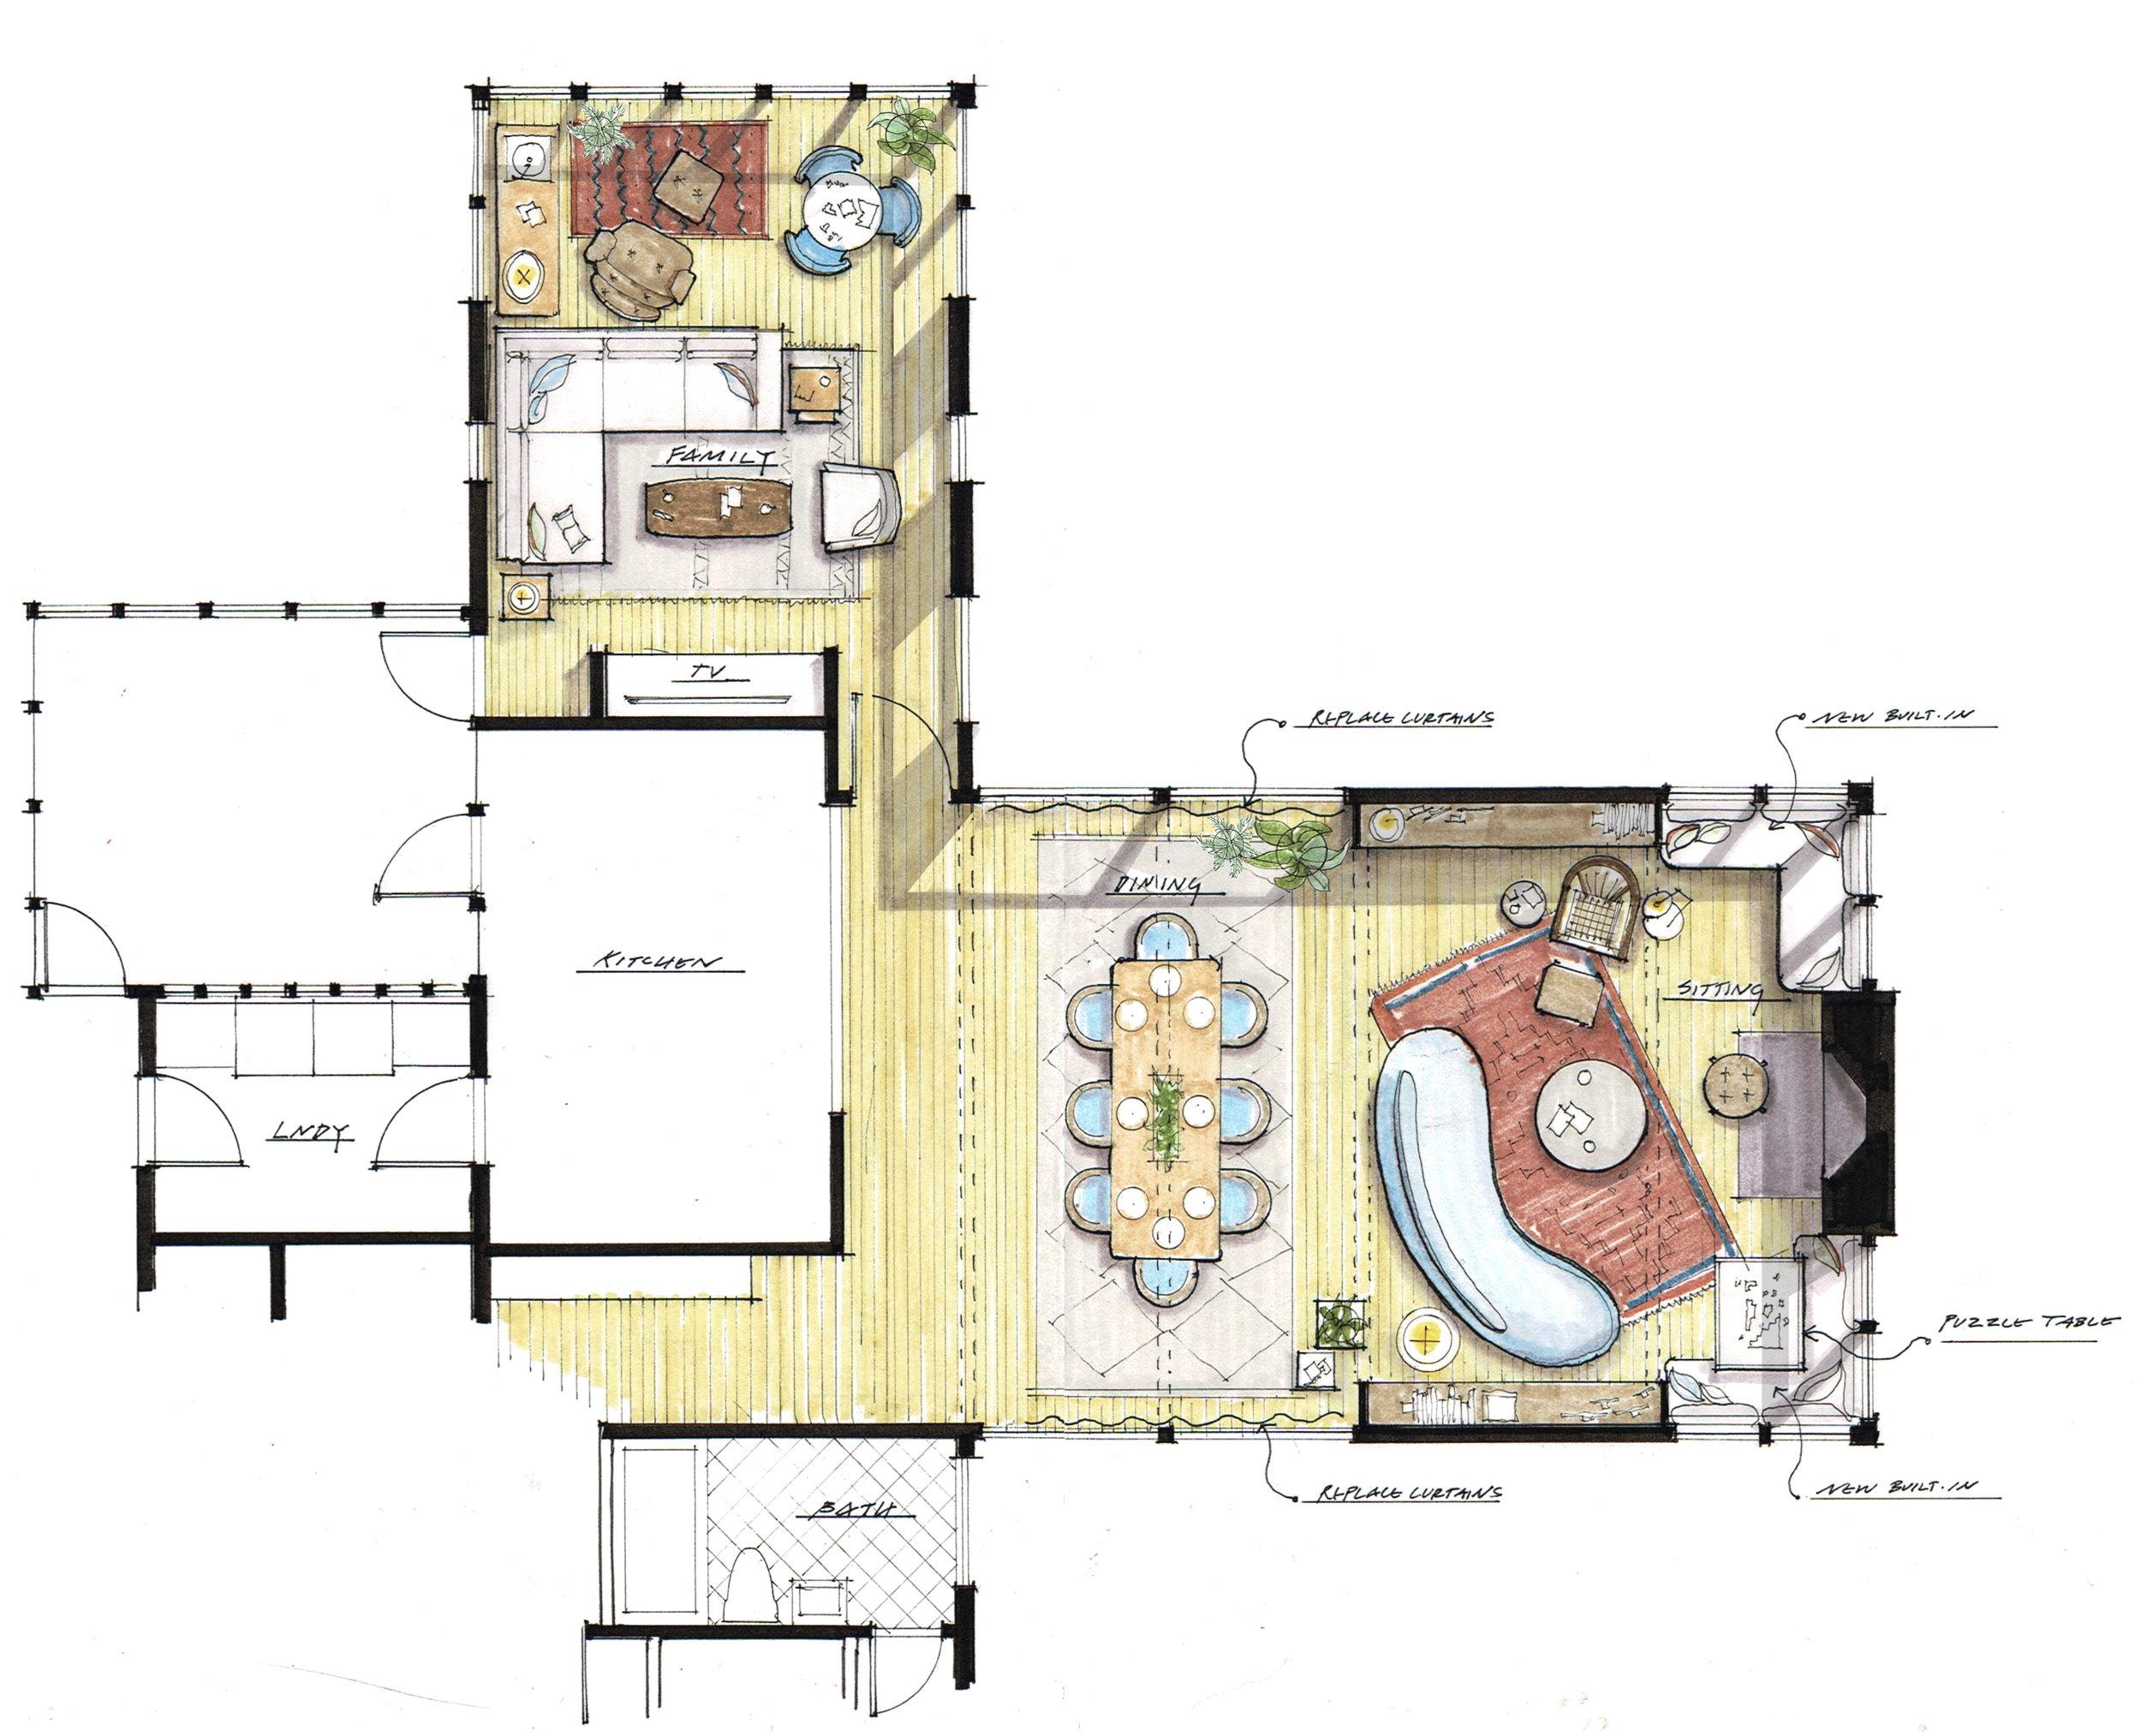 Vought - Furniture Plan.jpg